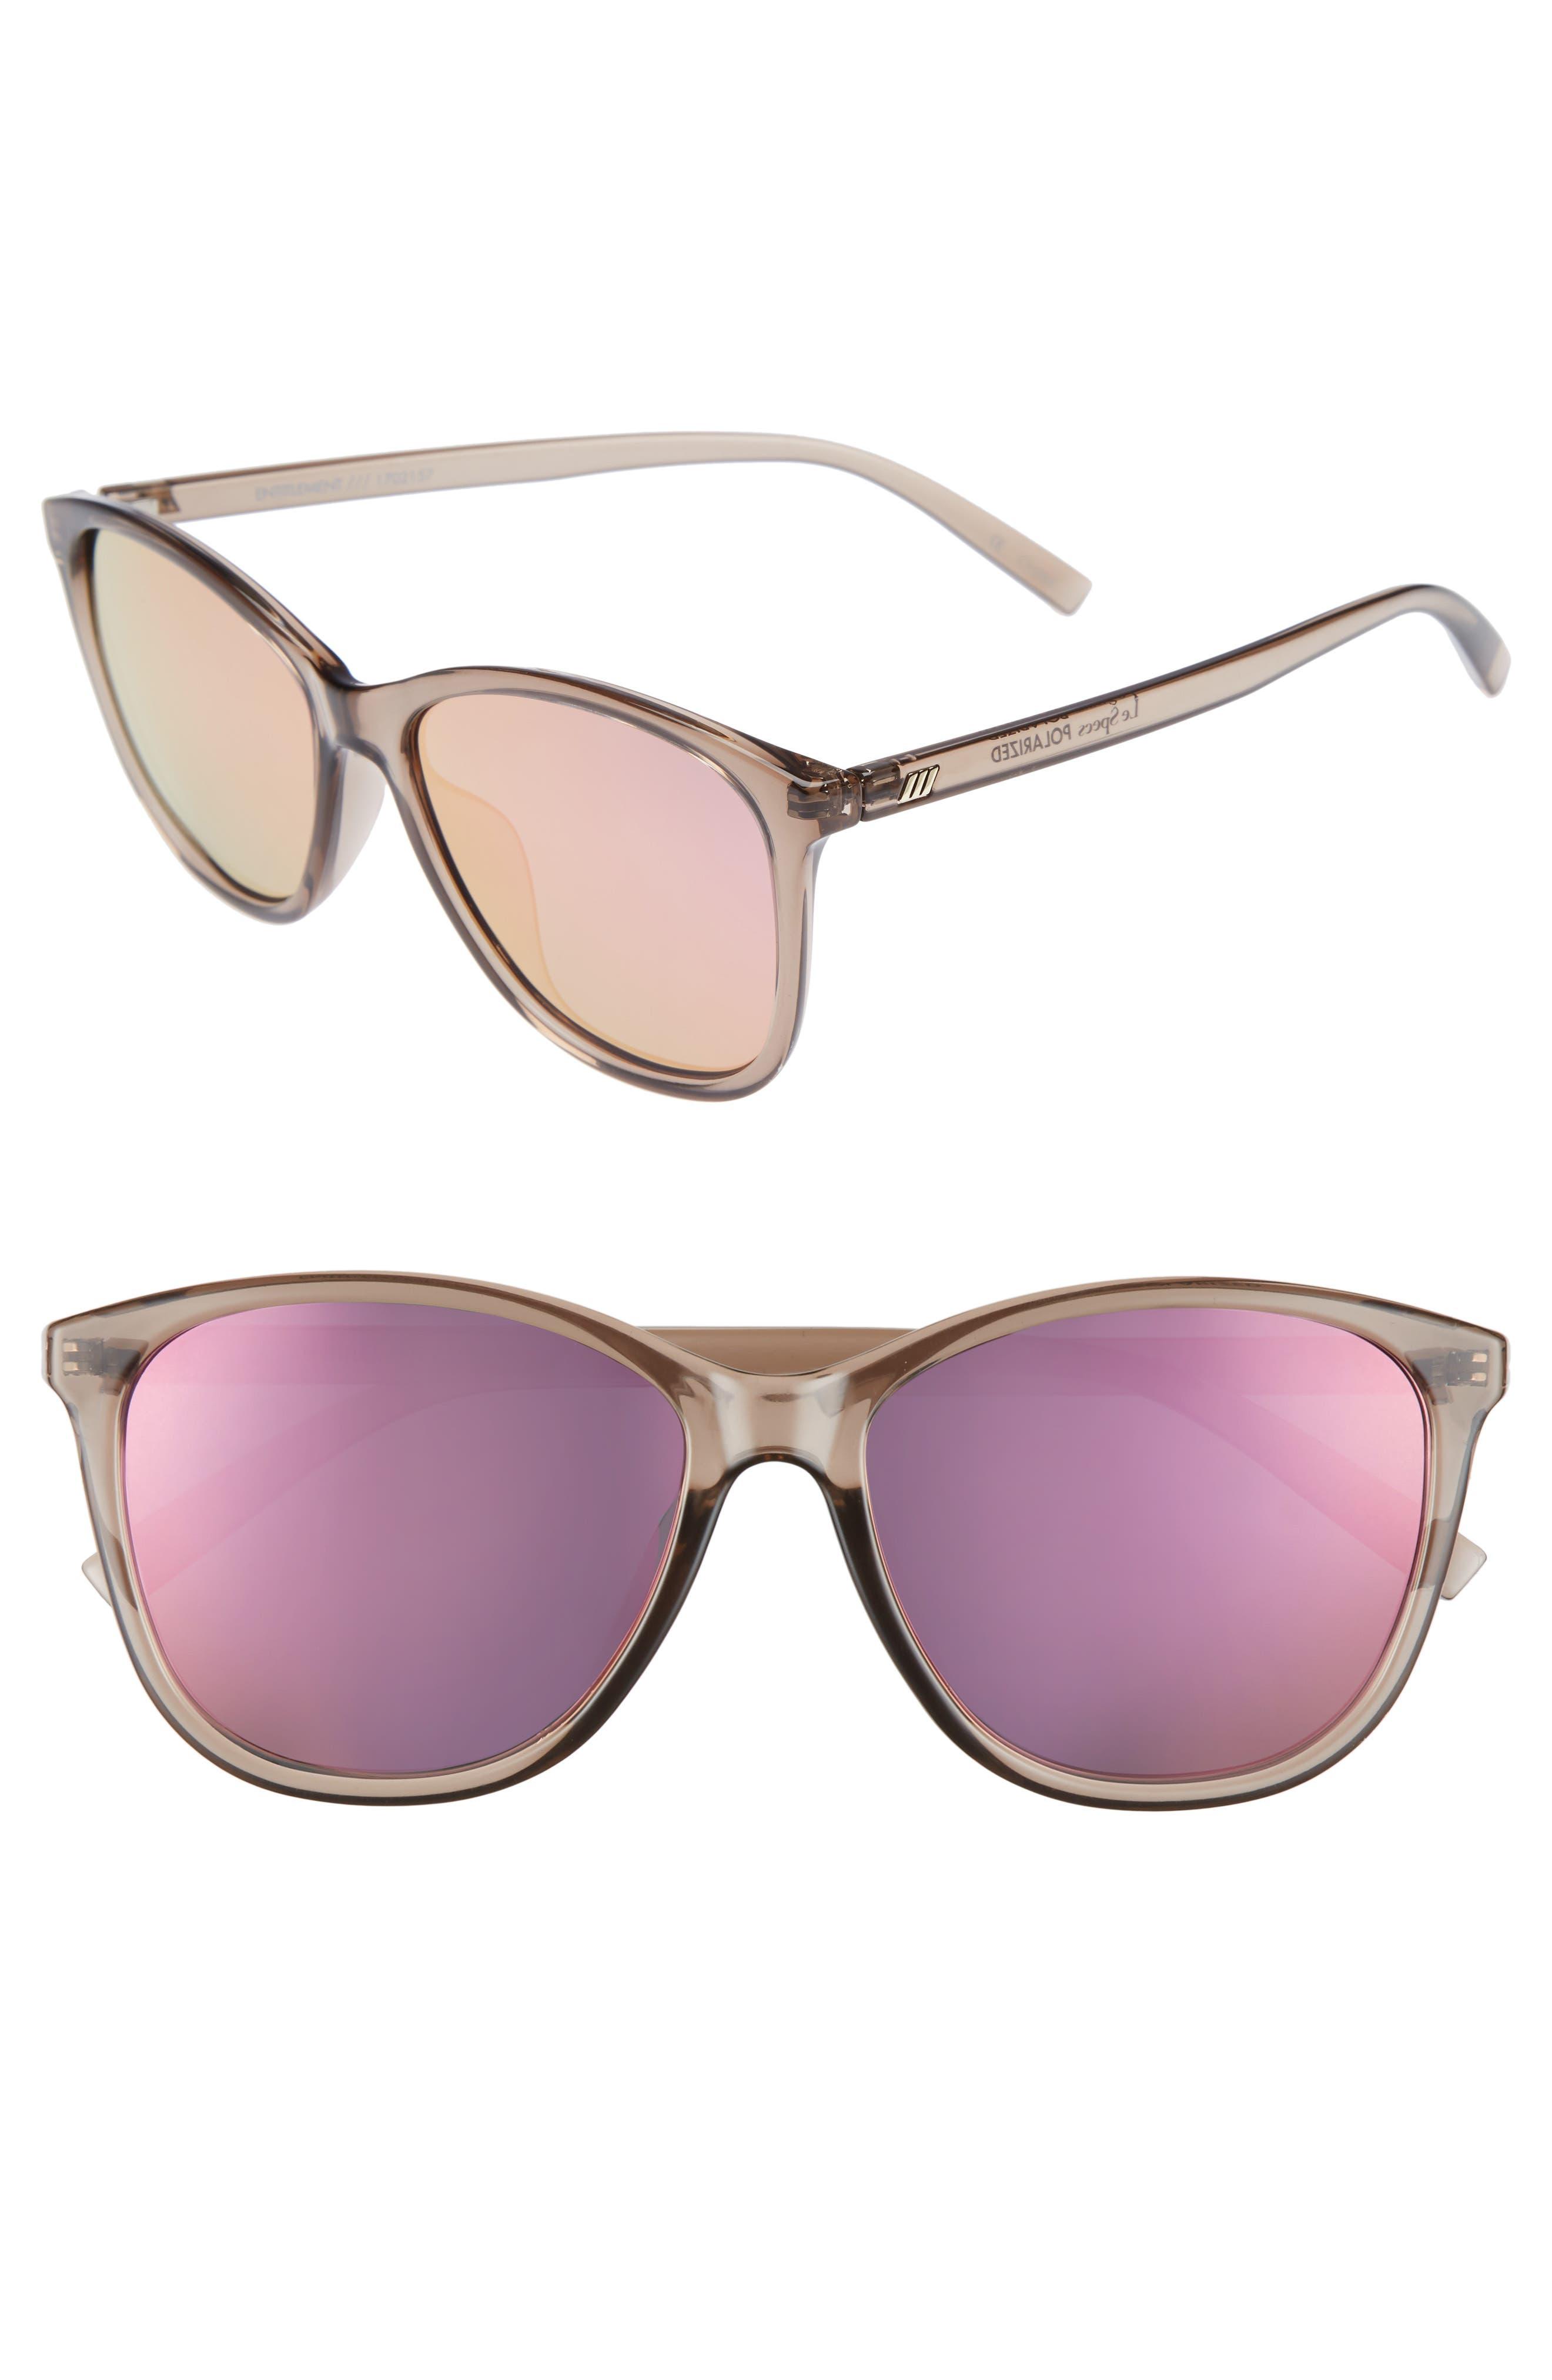 Main Image - Le Specs Entitlement 57mm Sunglasses